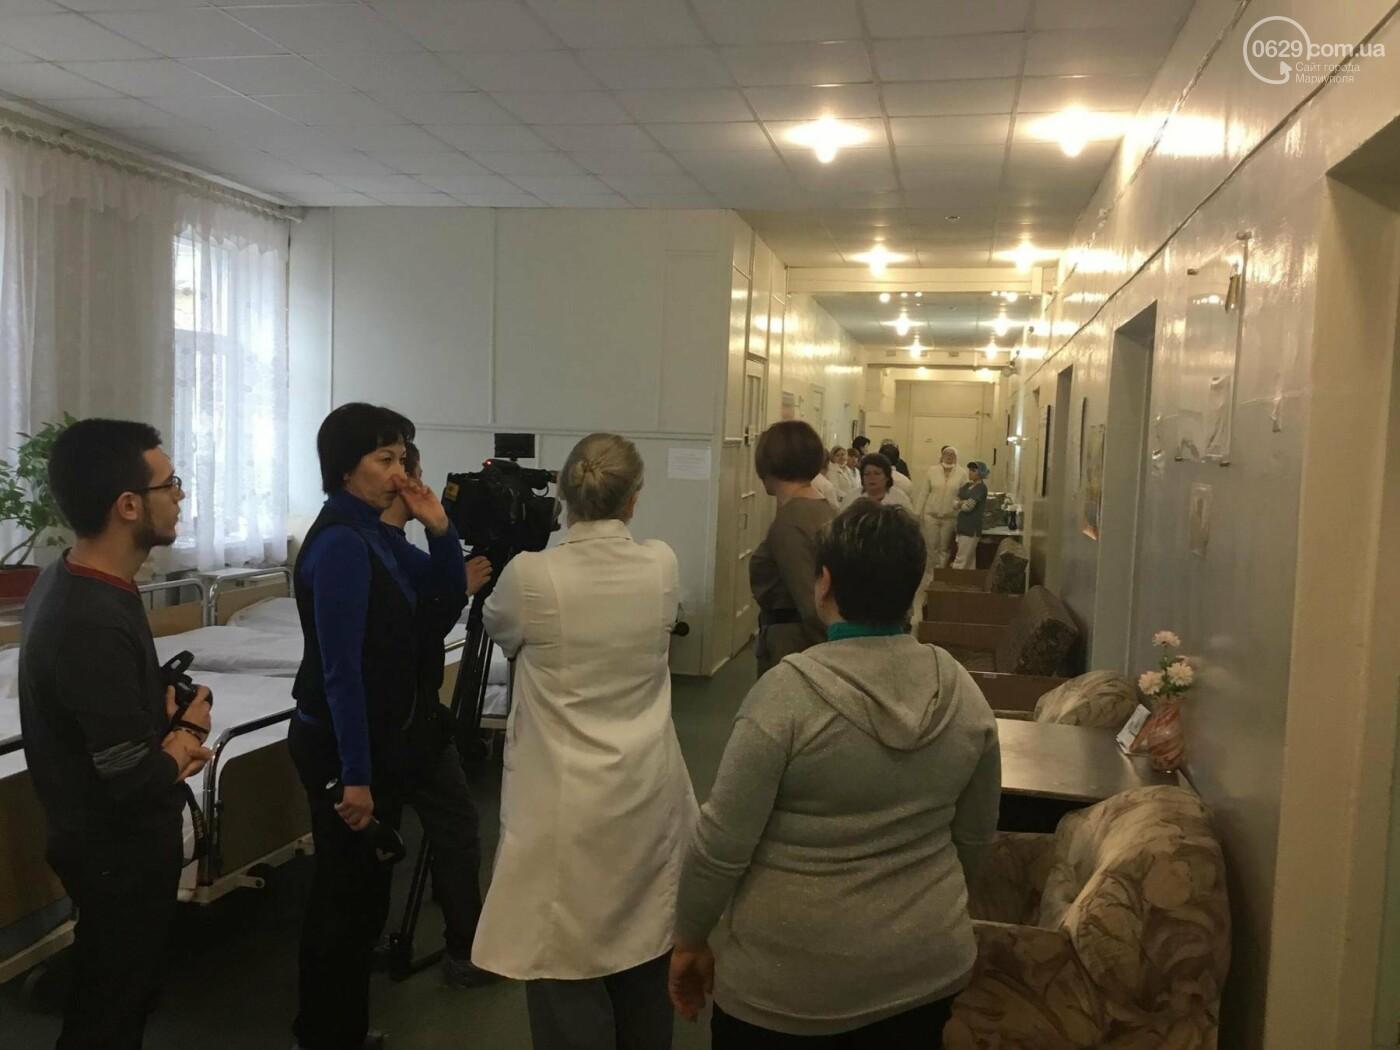 В Мариуполе из-за ремонта детской больницы расселяют гинекологическое отделение (ФОТОРЕПОРТАЖ+ВИДЕО), фото-5